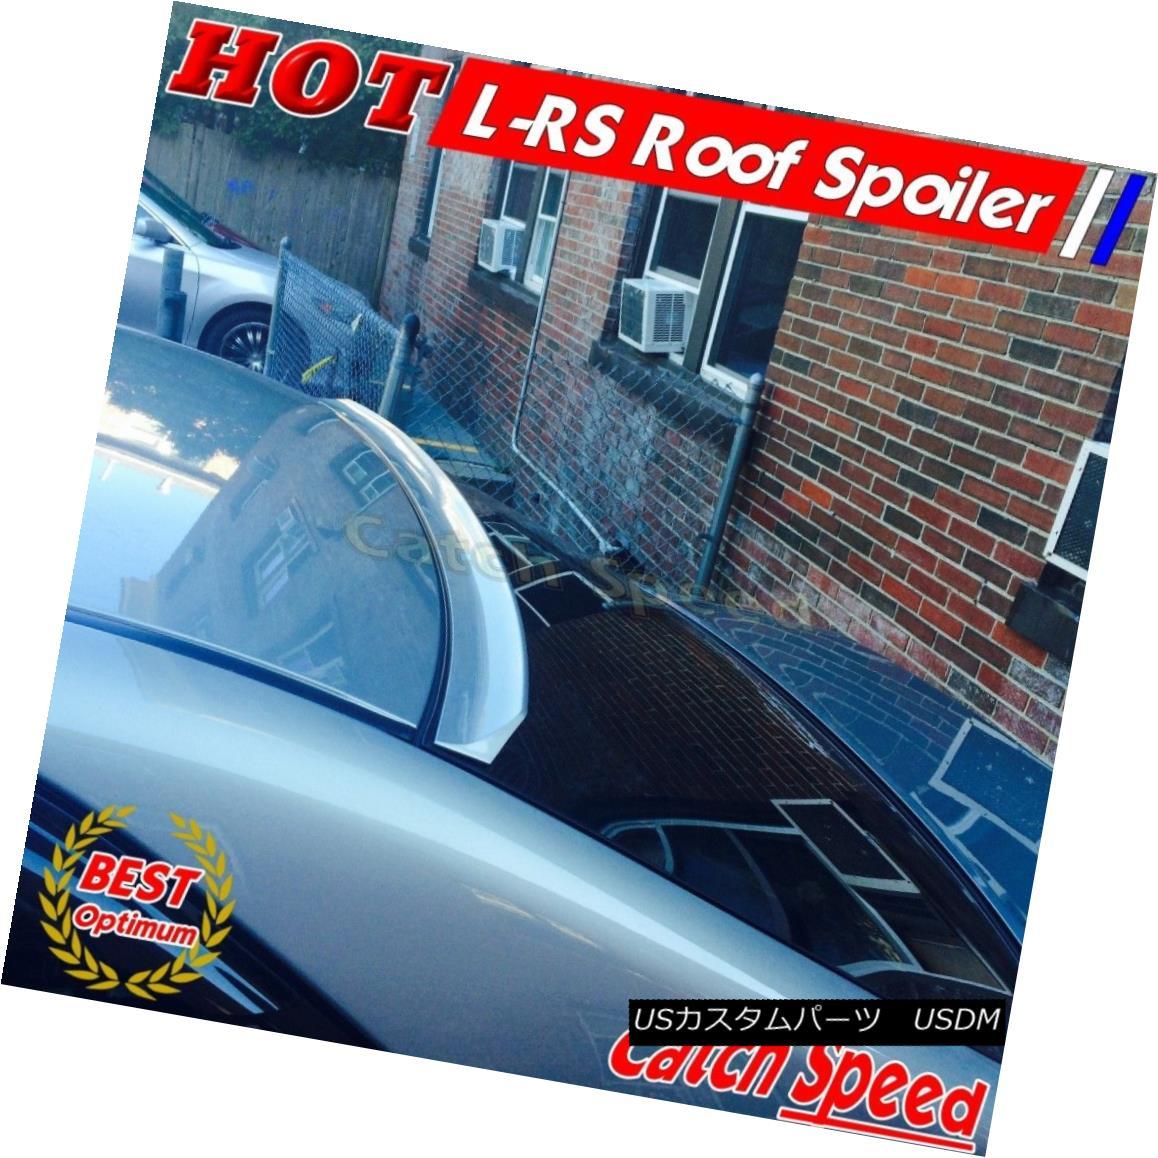 エアロパーツ Painted LRS Rear Roof Spoiler Wing For EUR Mazda 6 II Atenza 2009 ~ 2013 Sedan ? EUR Lマツダ6 IIアテンザ2009?2013セダンのために塗装されたLRSリアルーフスポイラーウィング?